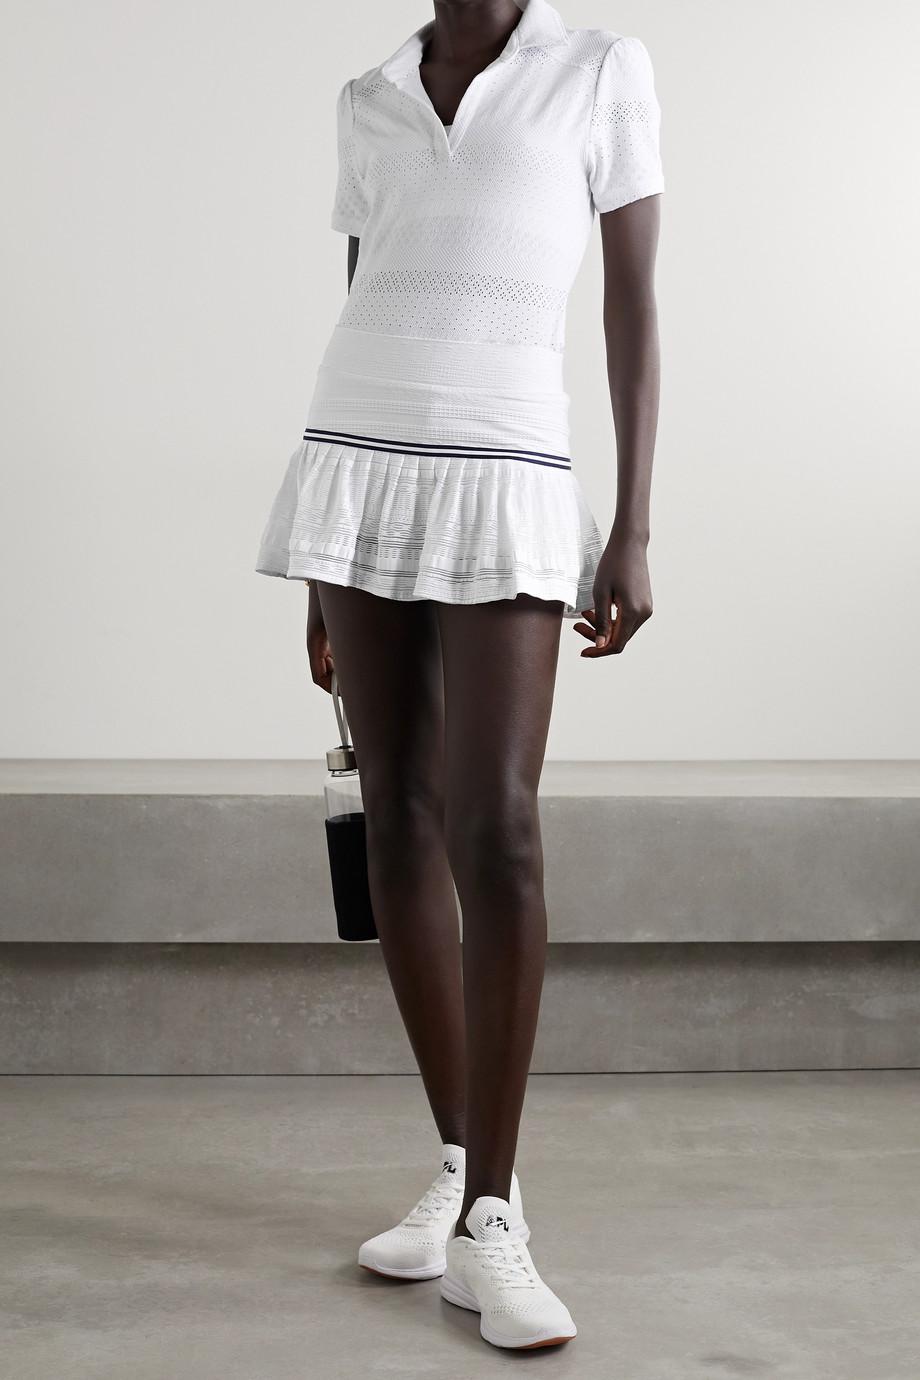 L'Etoile Sport Grosgrain-trimmed pointelle-knit tennis skirt